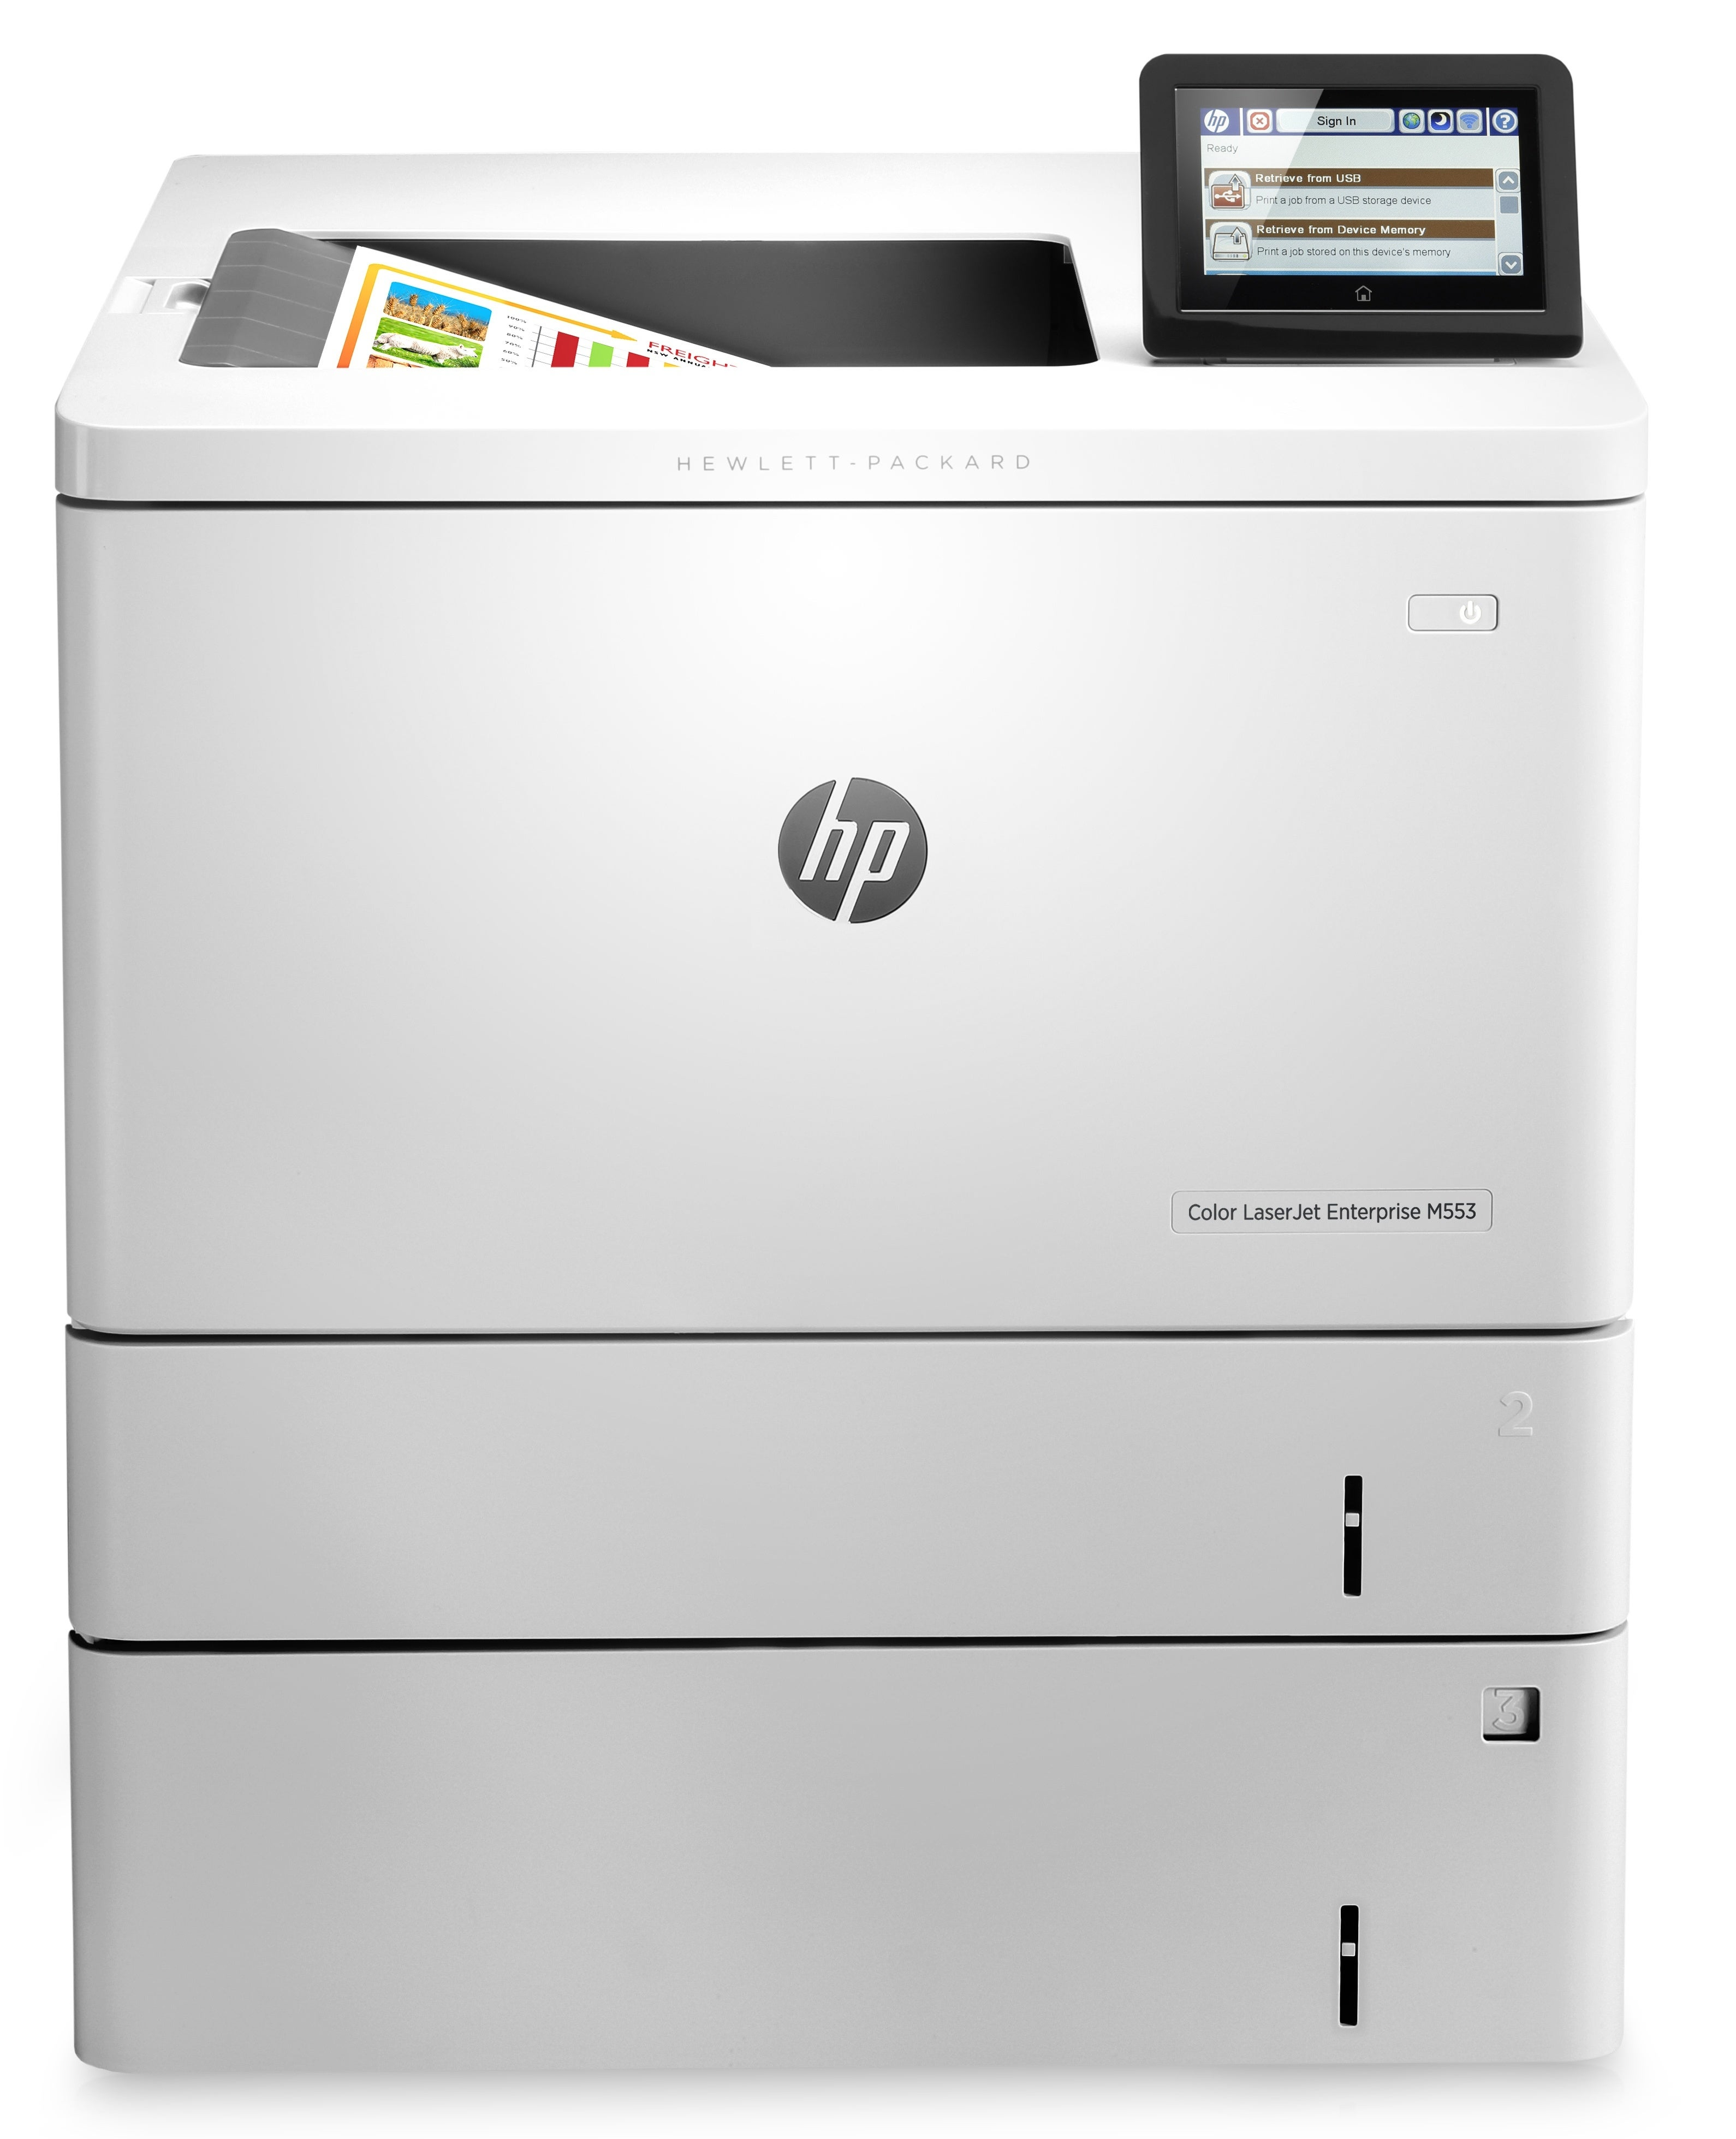 Hp принтер 3550 скачать драйвер